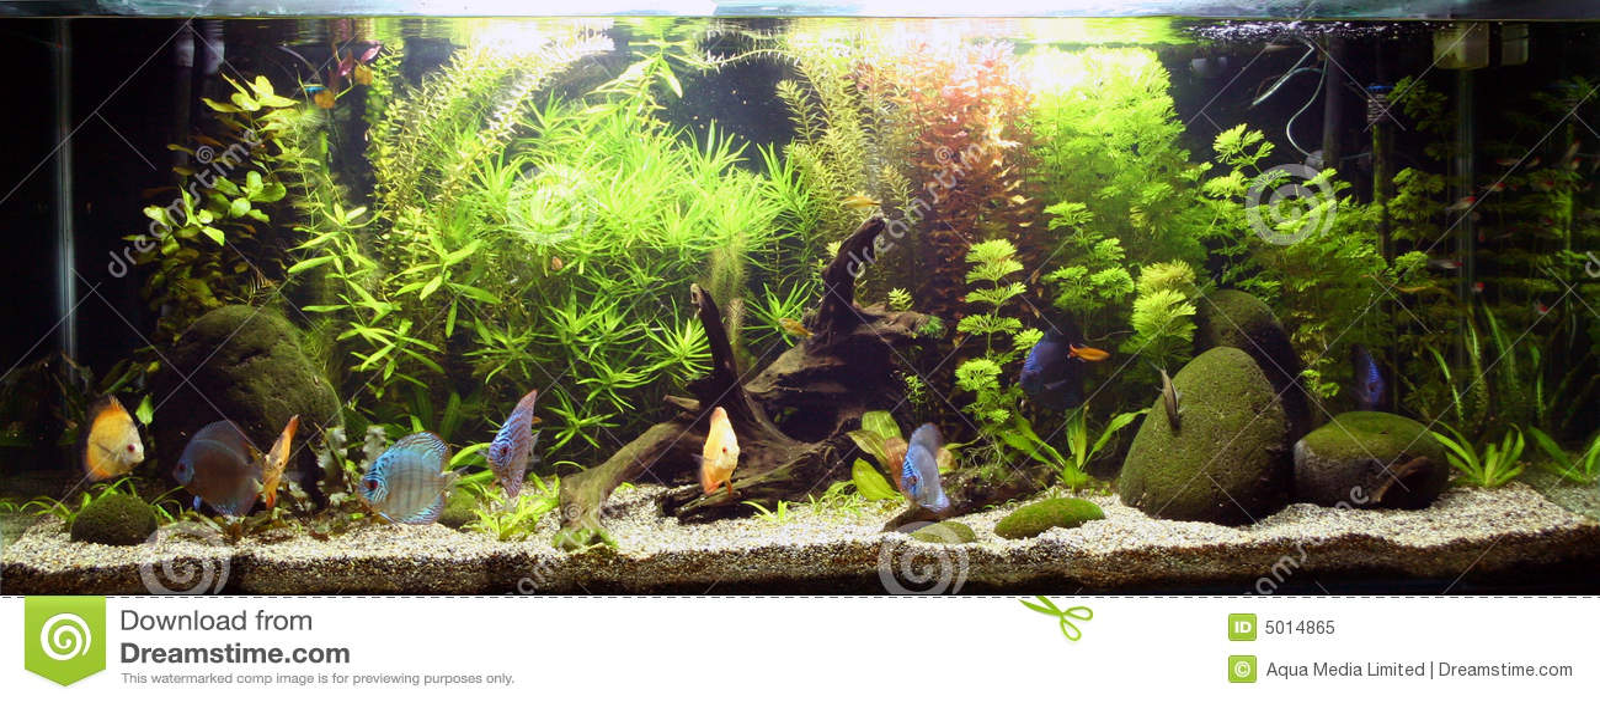 Acquario d 39 acqua dolce tropicale immagine stock immagine for Acqua acquario